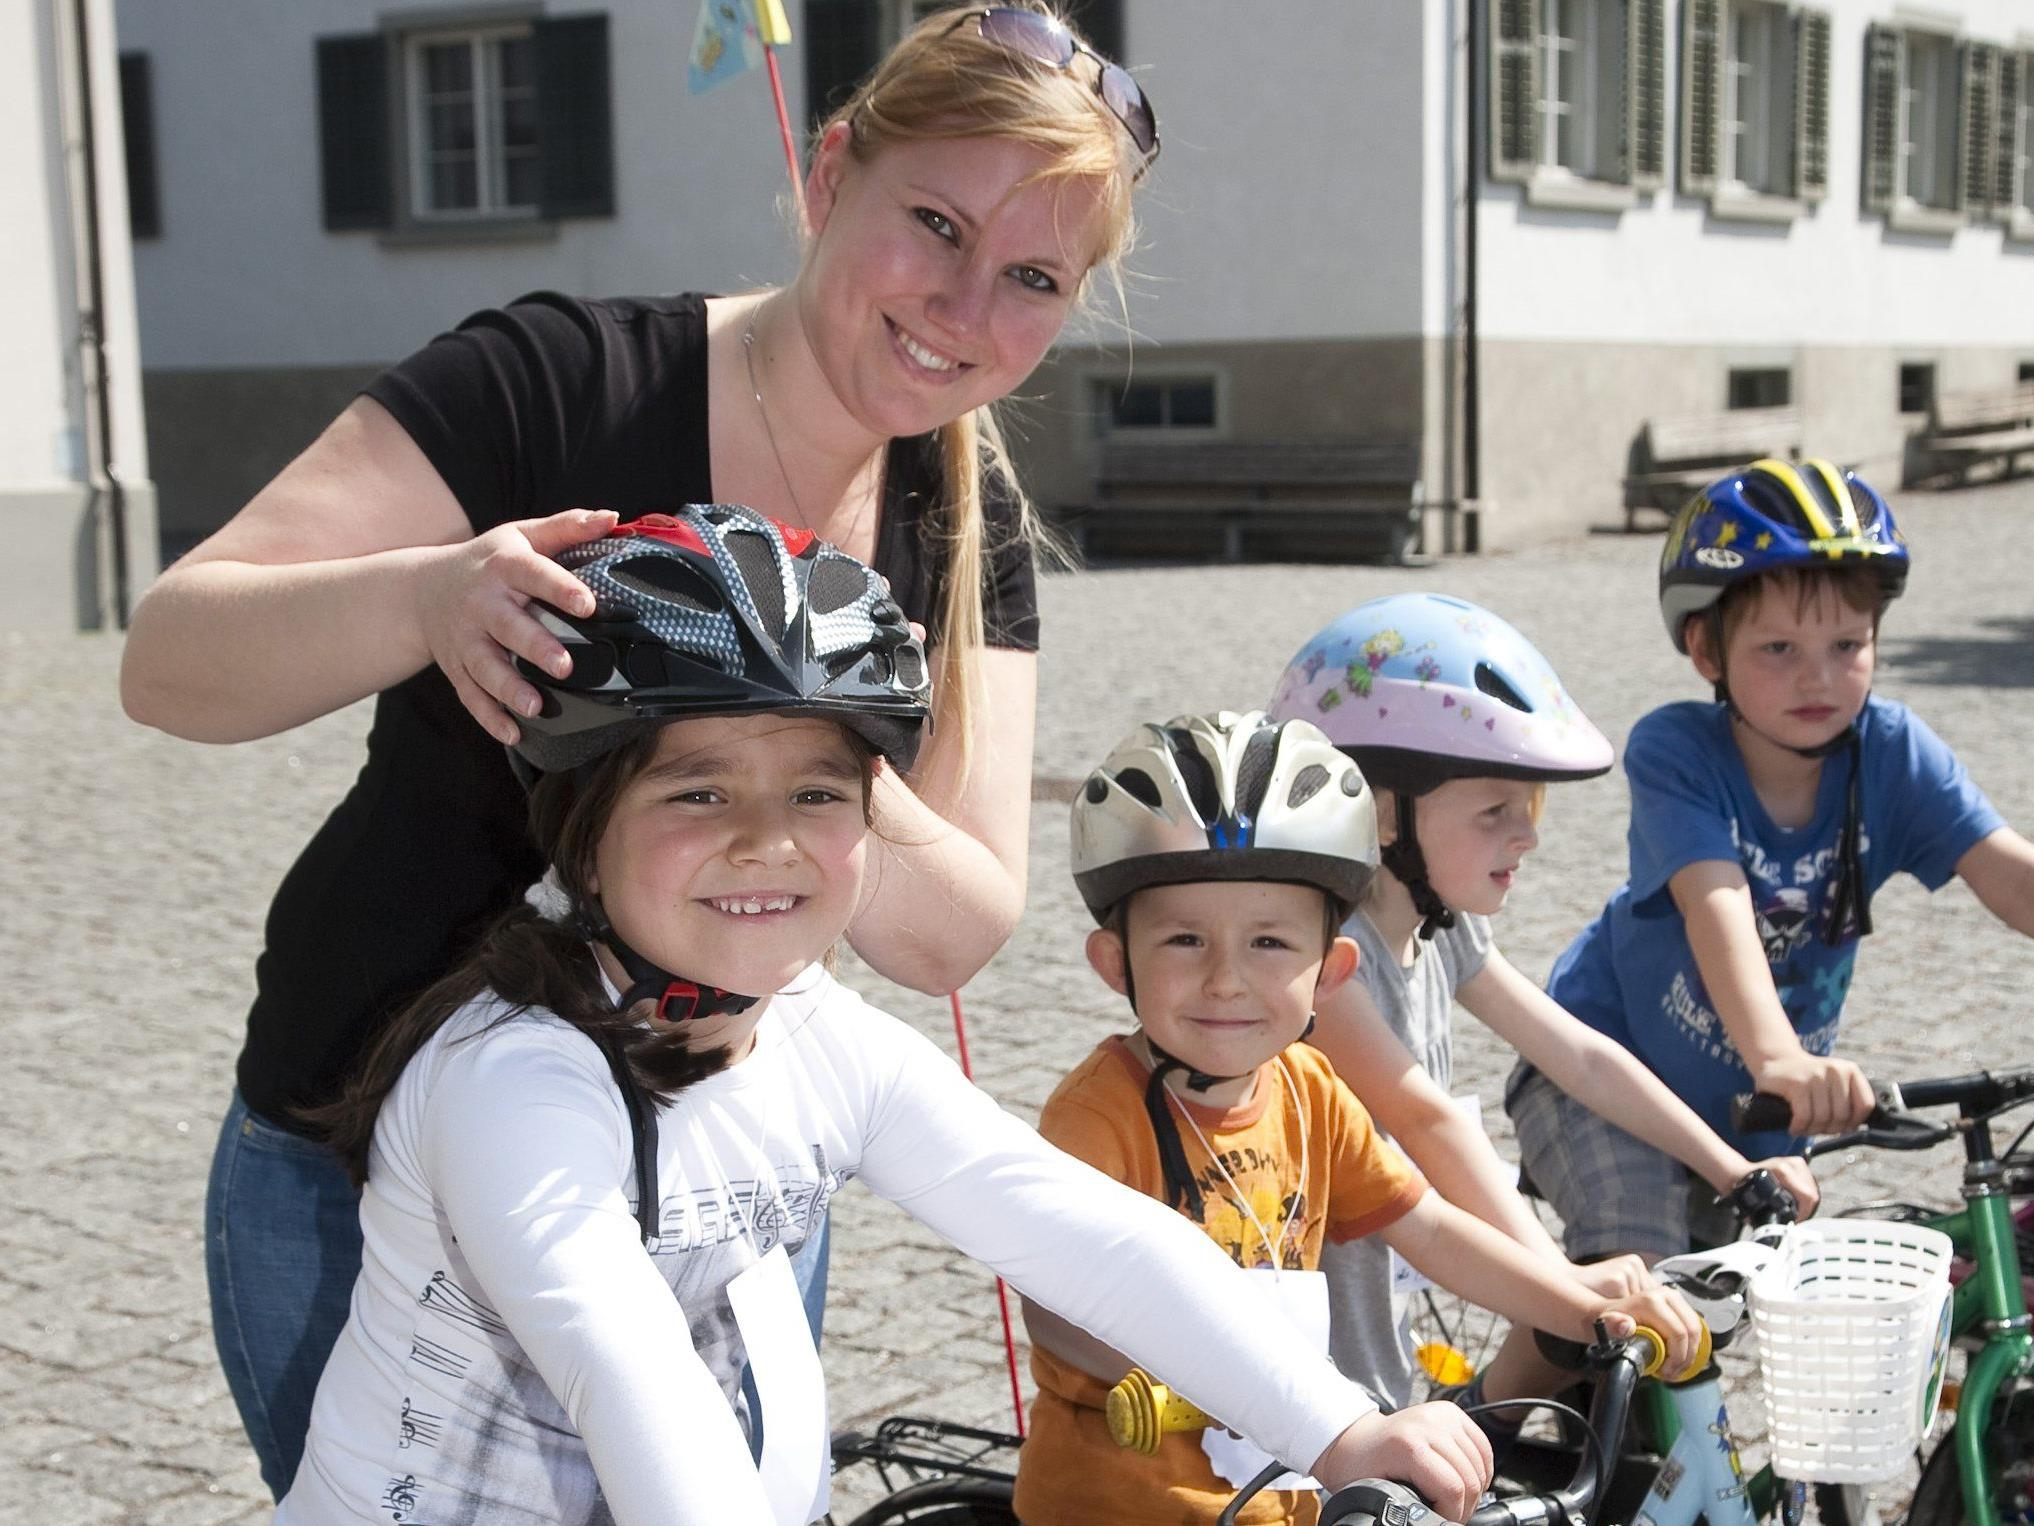 Derzeit werden ausgebildete KindergartenpädagogInnen für den Einsatz als SpringerInnen in der Region Vorderland-Feldkirch gesucht.